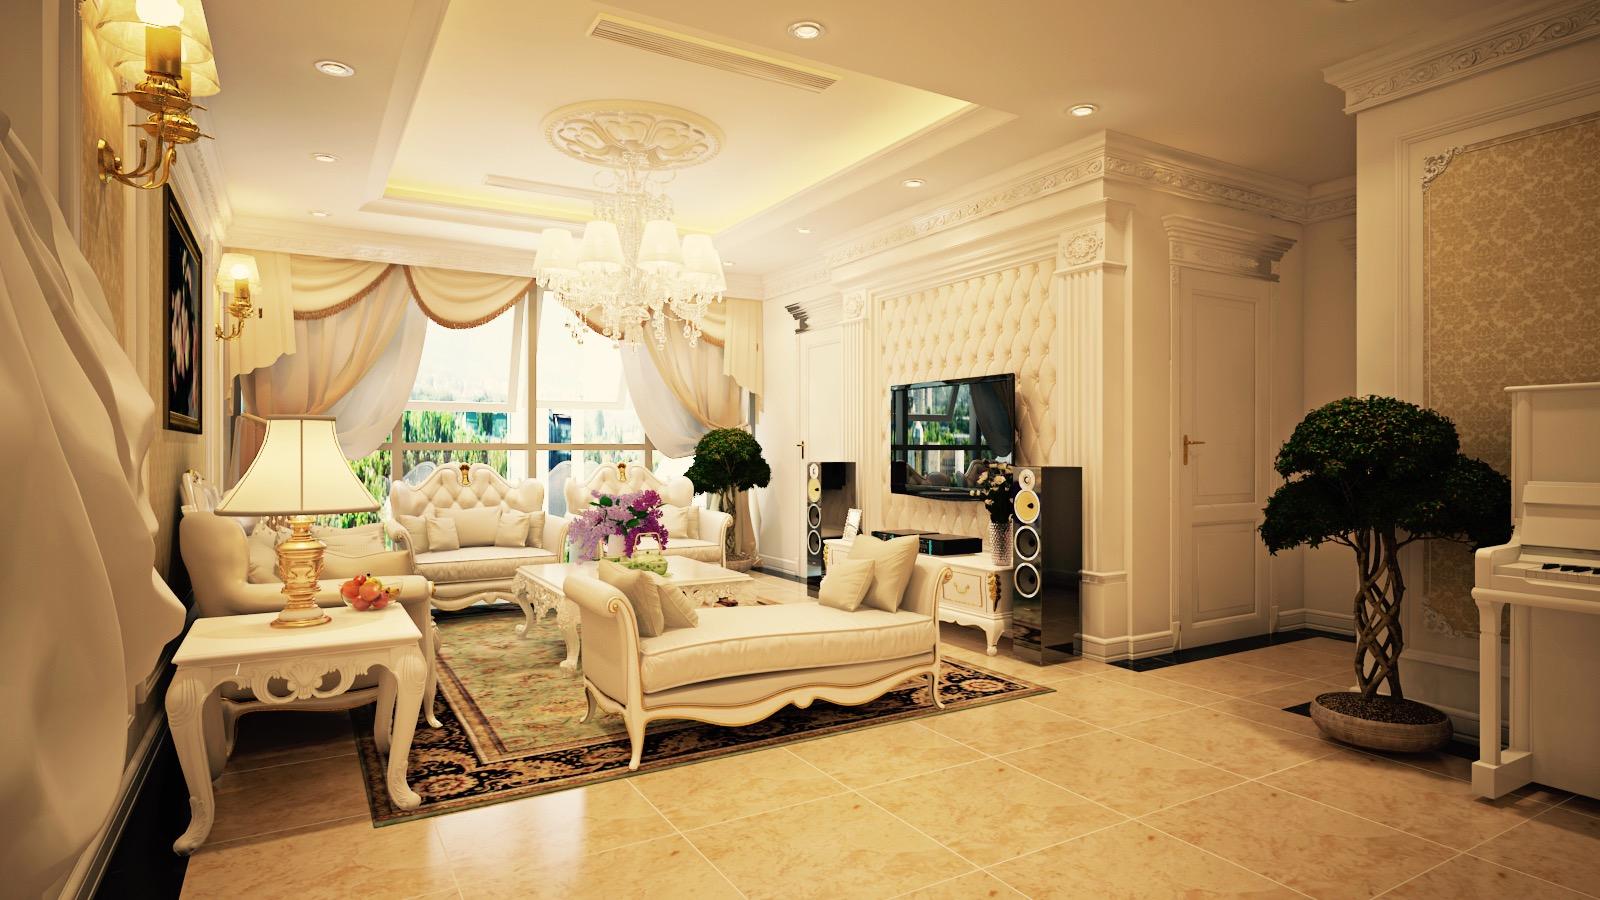 Tư vấn thiết kế nội thất Tân Cổ Điển - Hotline: 091 559 1234